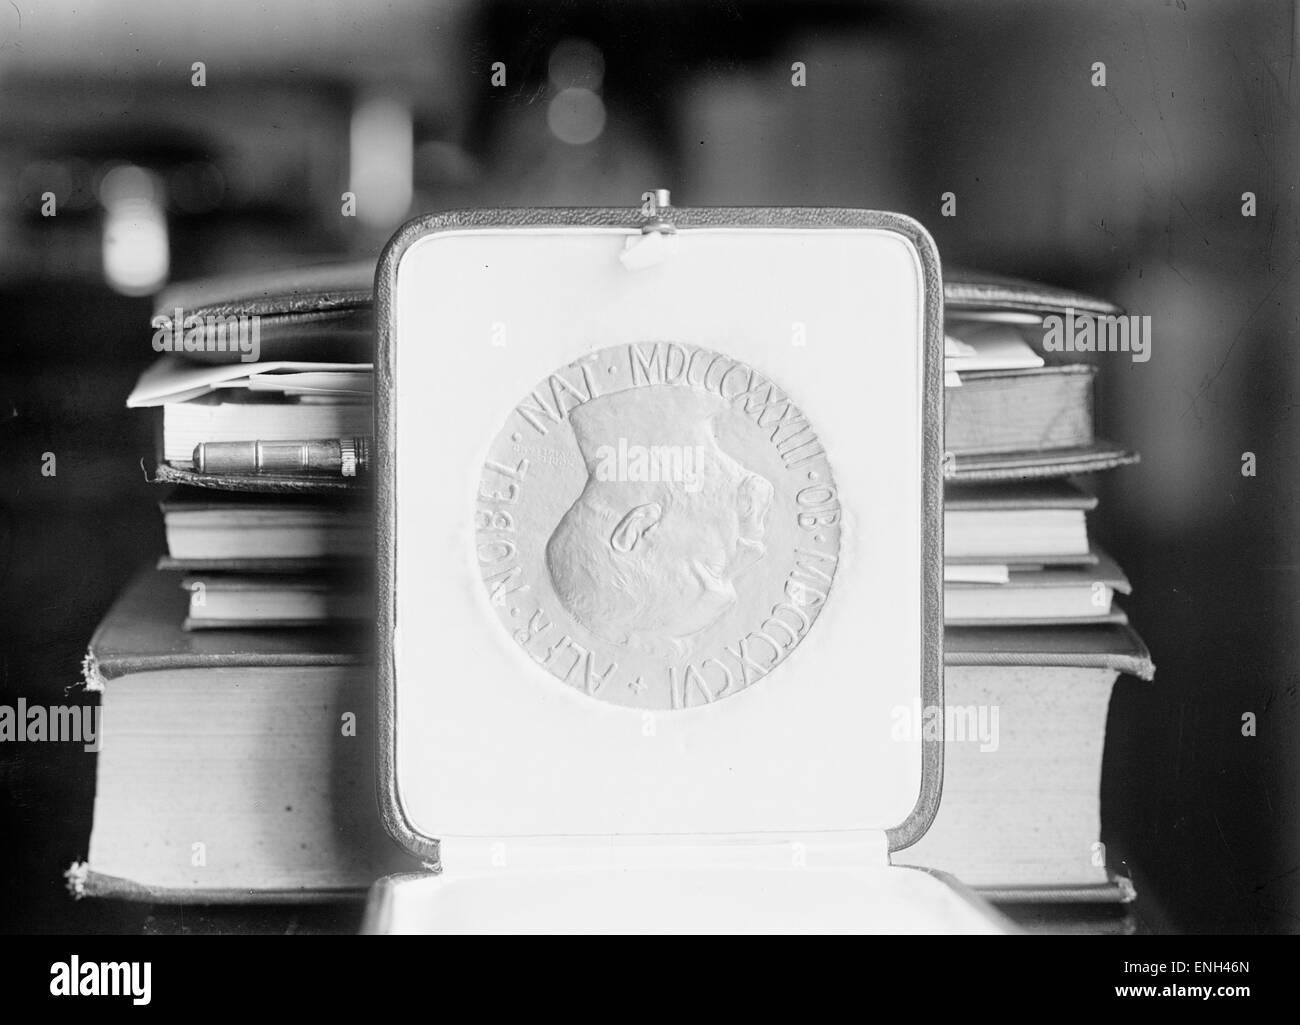 Friedens-Nobelpreis-Medaille. Stockbild